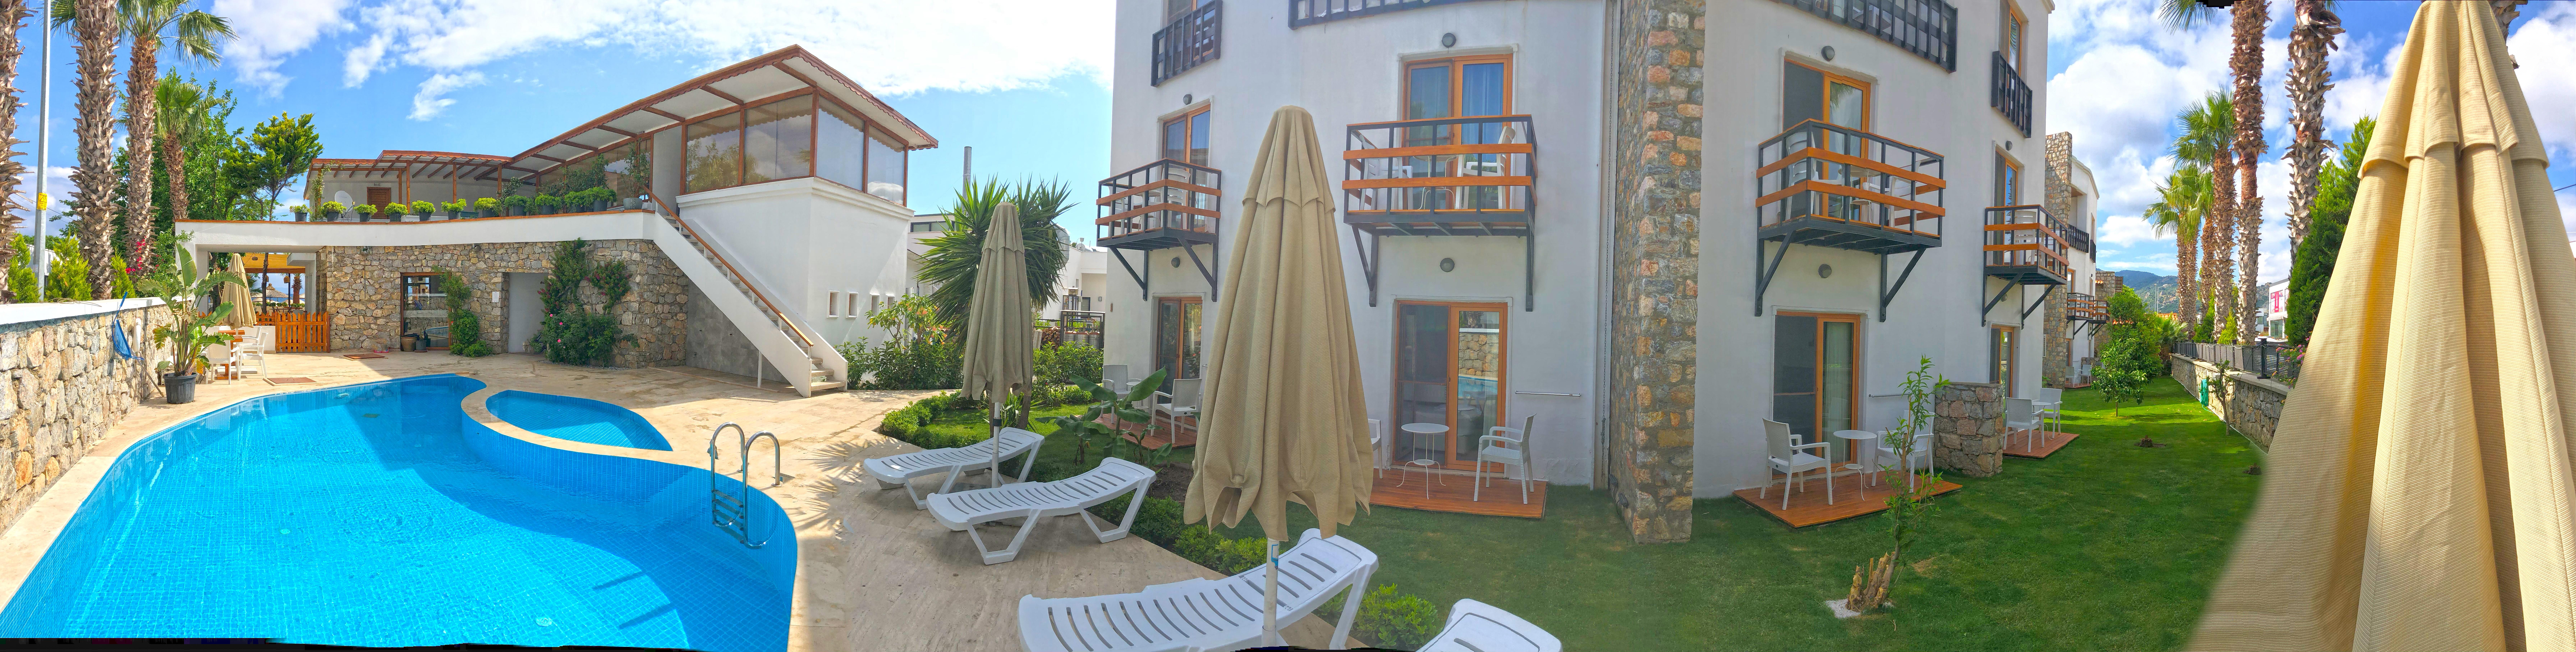 otel içi1